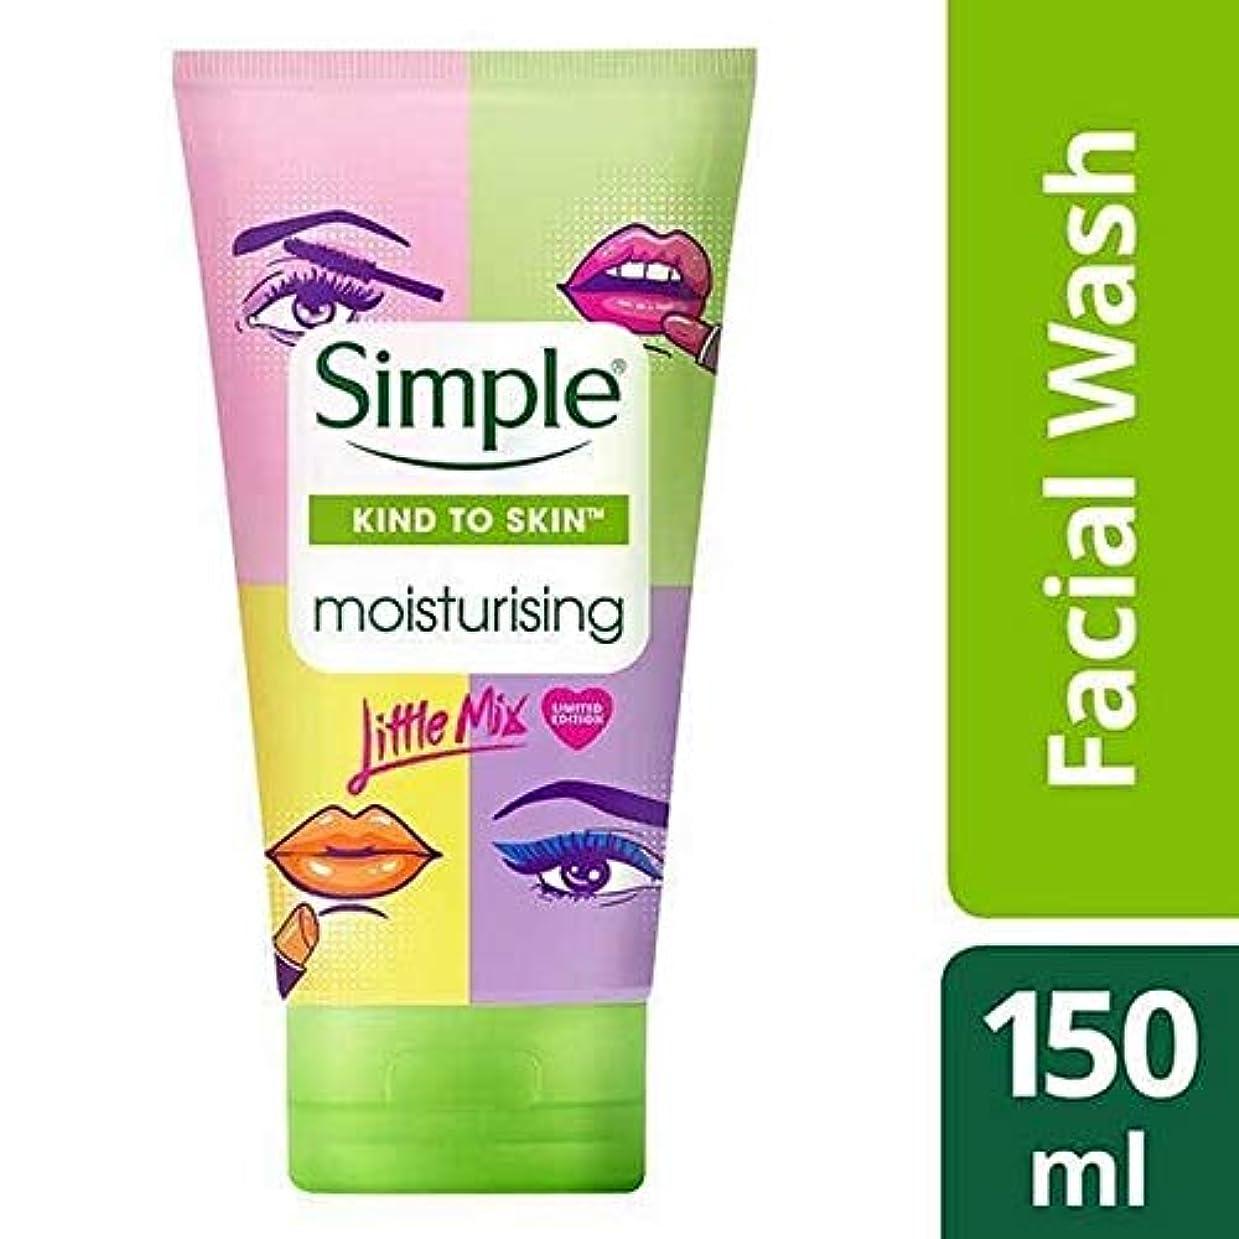 波紋レール代わりに[Simple ] 単純X少しミックス保湿洗顔150ミリリットル - Simple x Little Mix Moisturising Facial Wash 150ml [並行輸入品]